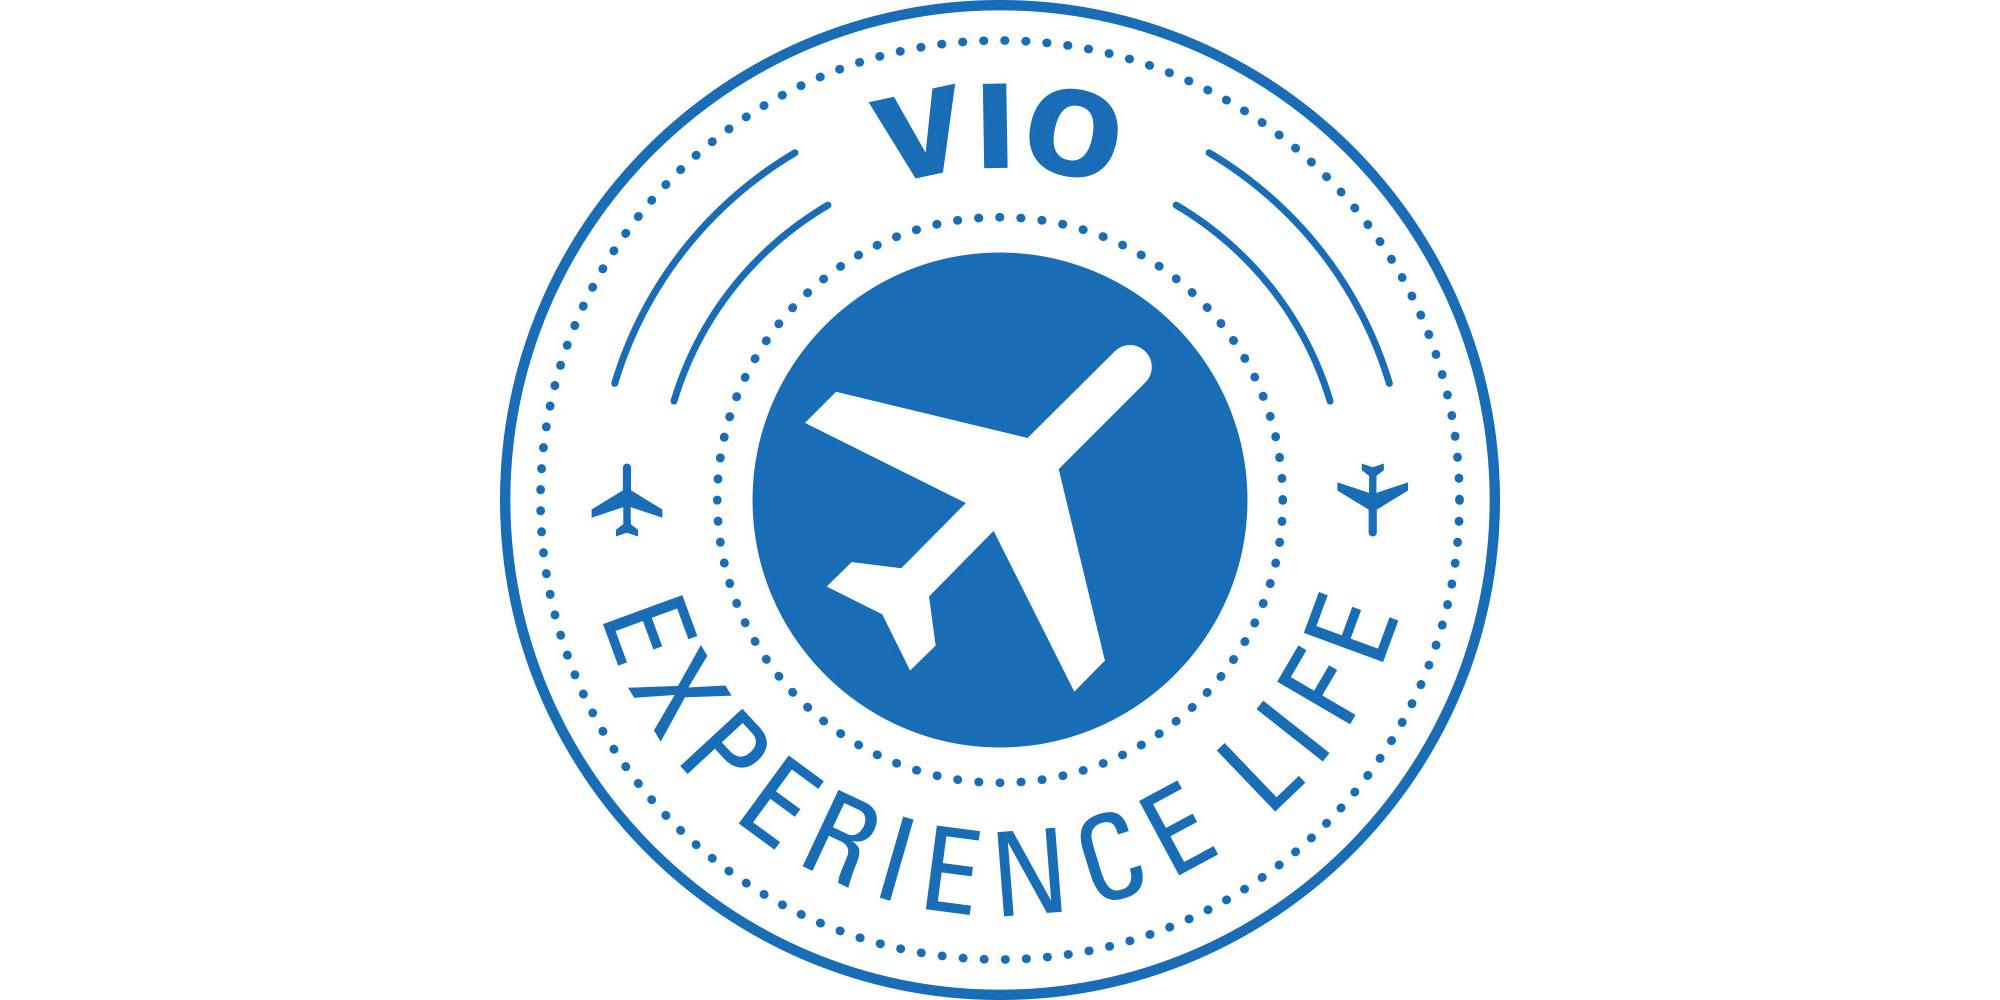 Vio_logo_large.jpg